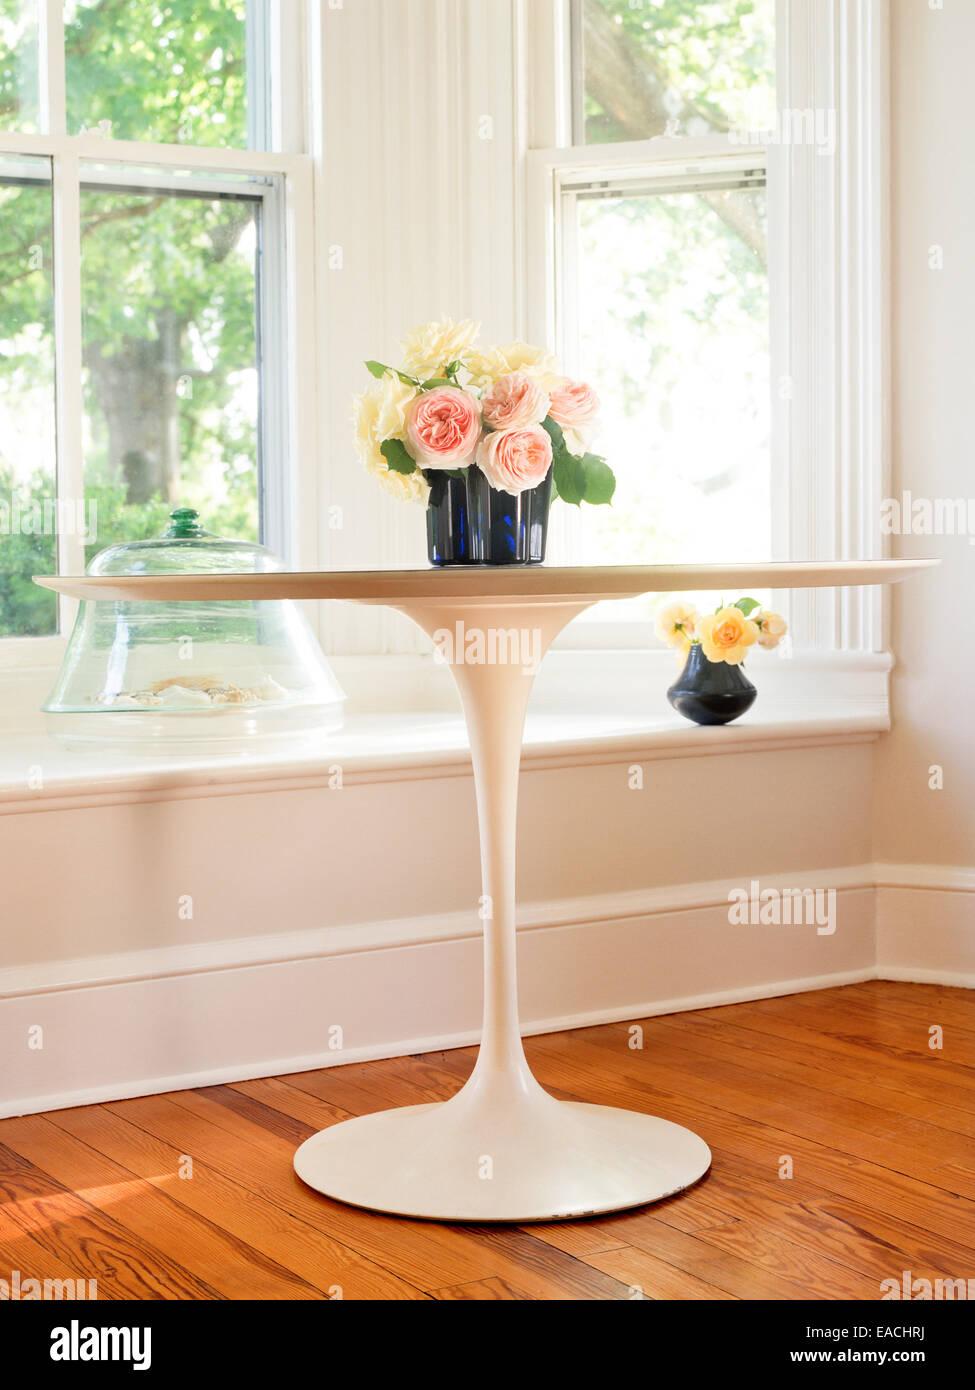 Eero Saarinen mesa con rosas Imagen De Stock